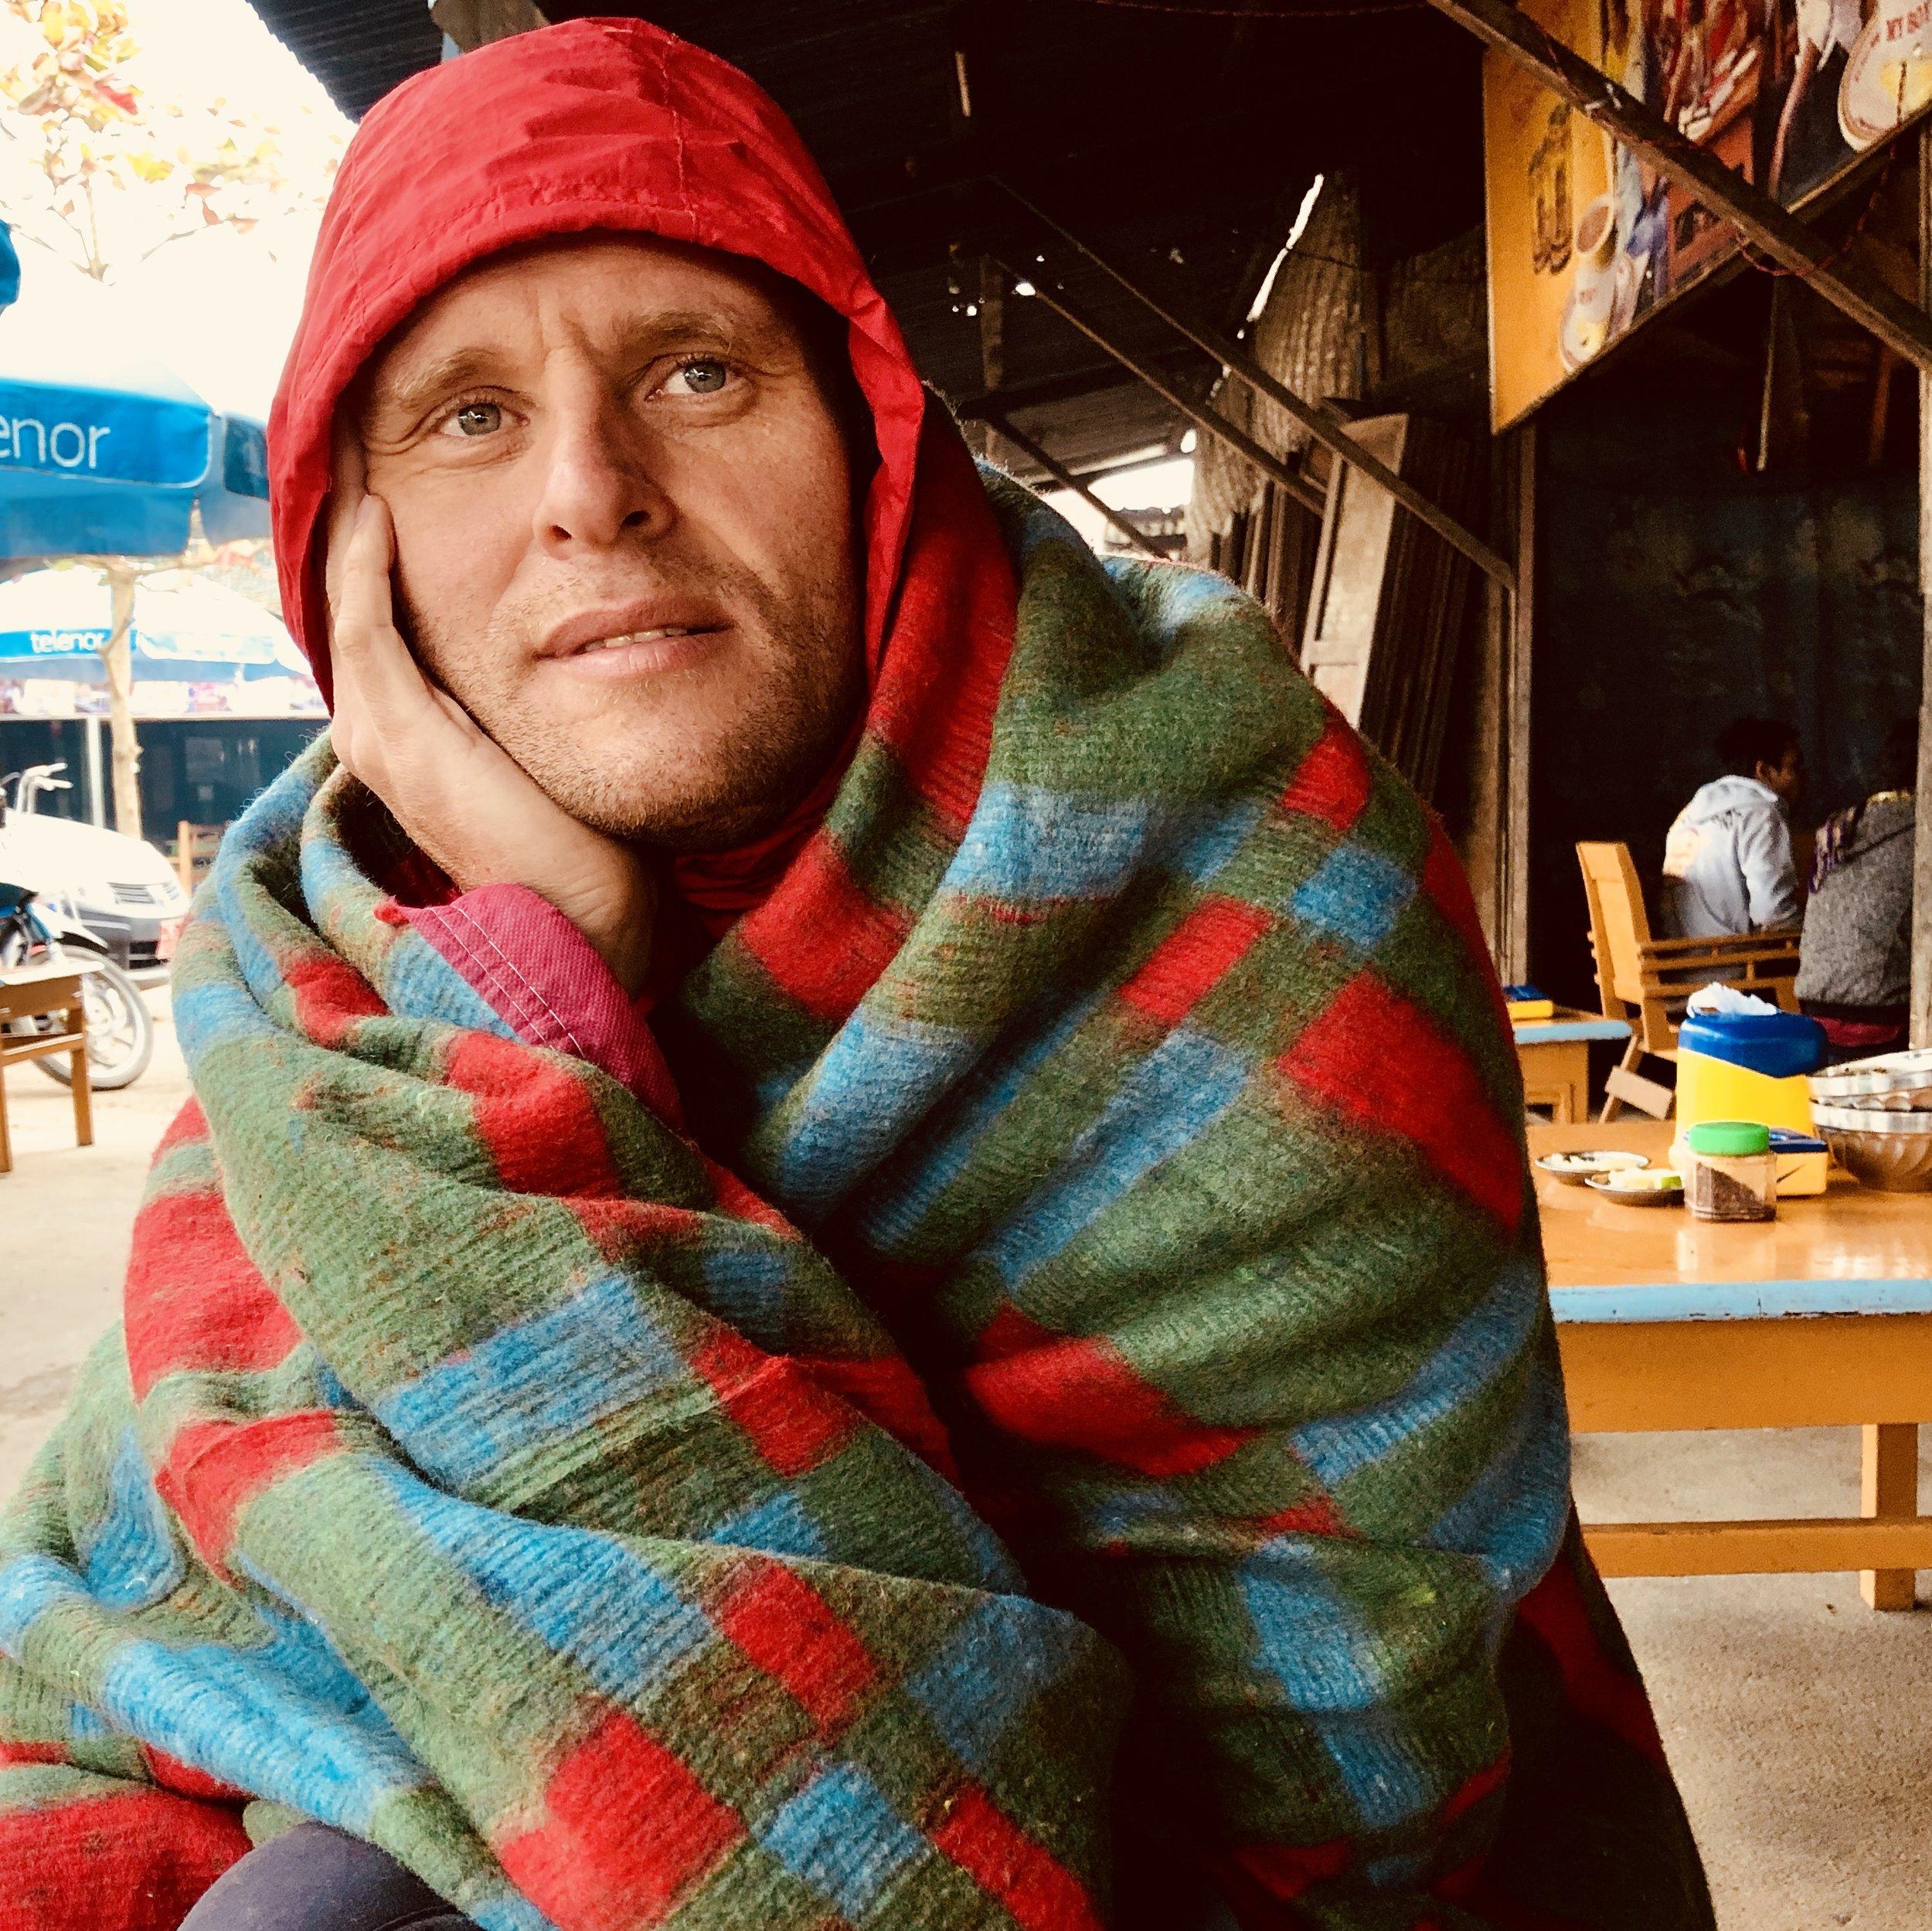 A cold fellow traveler, Ryan, from Leeds